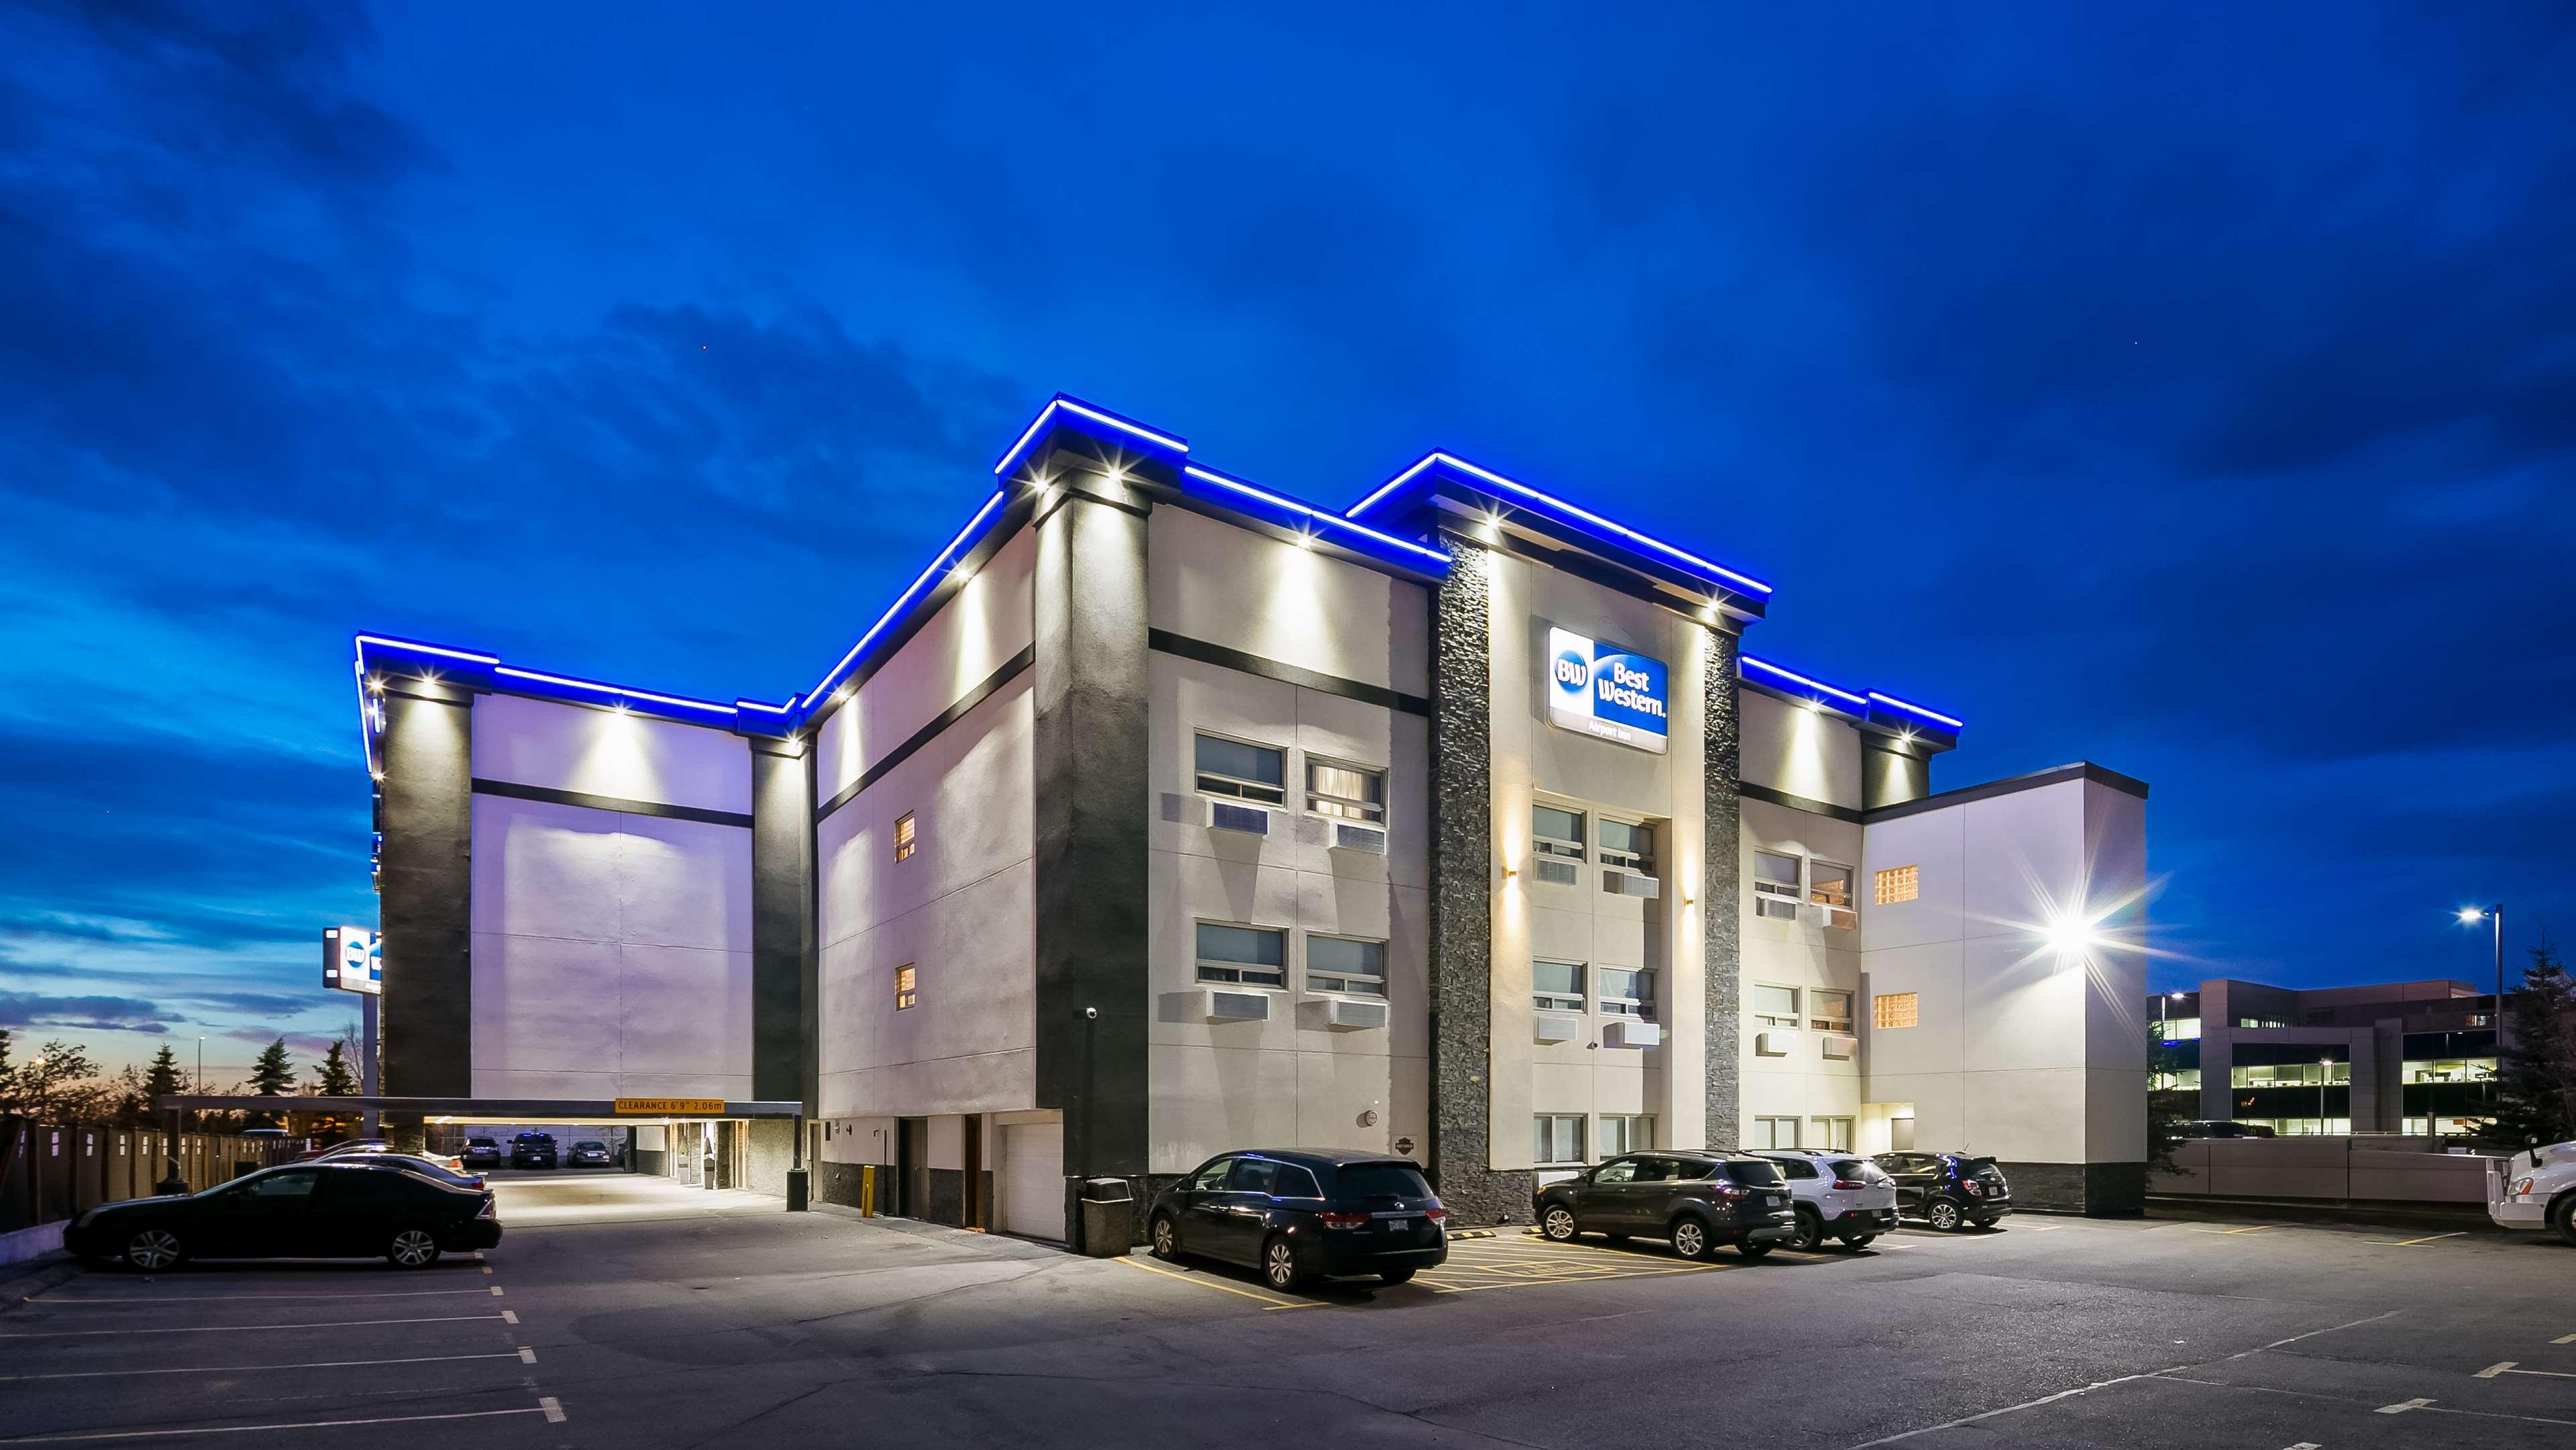 Best Western Airport Inn in Calgary: Hotel Exterior